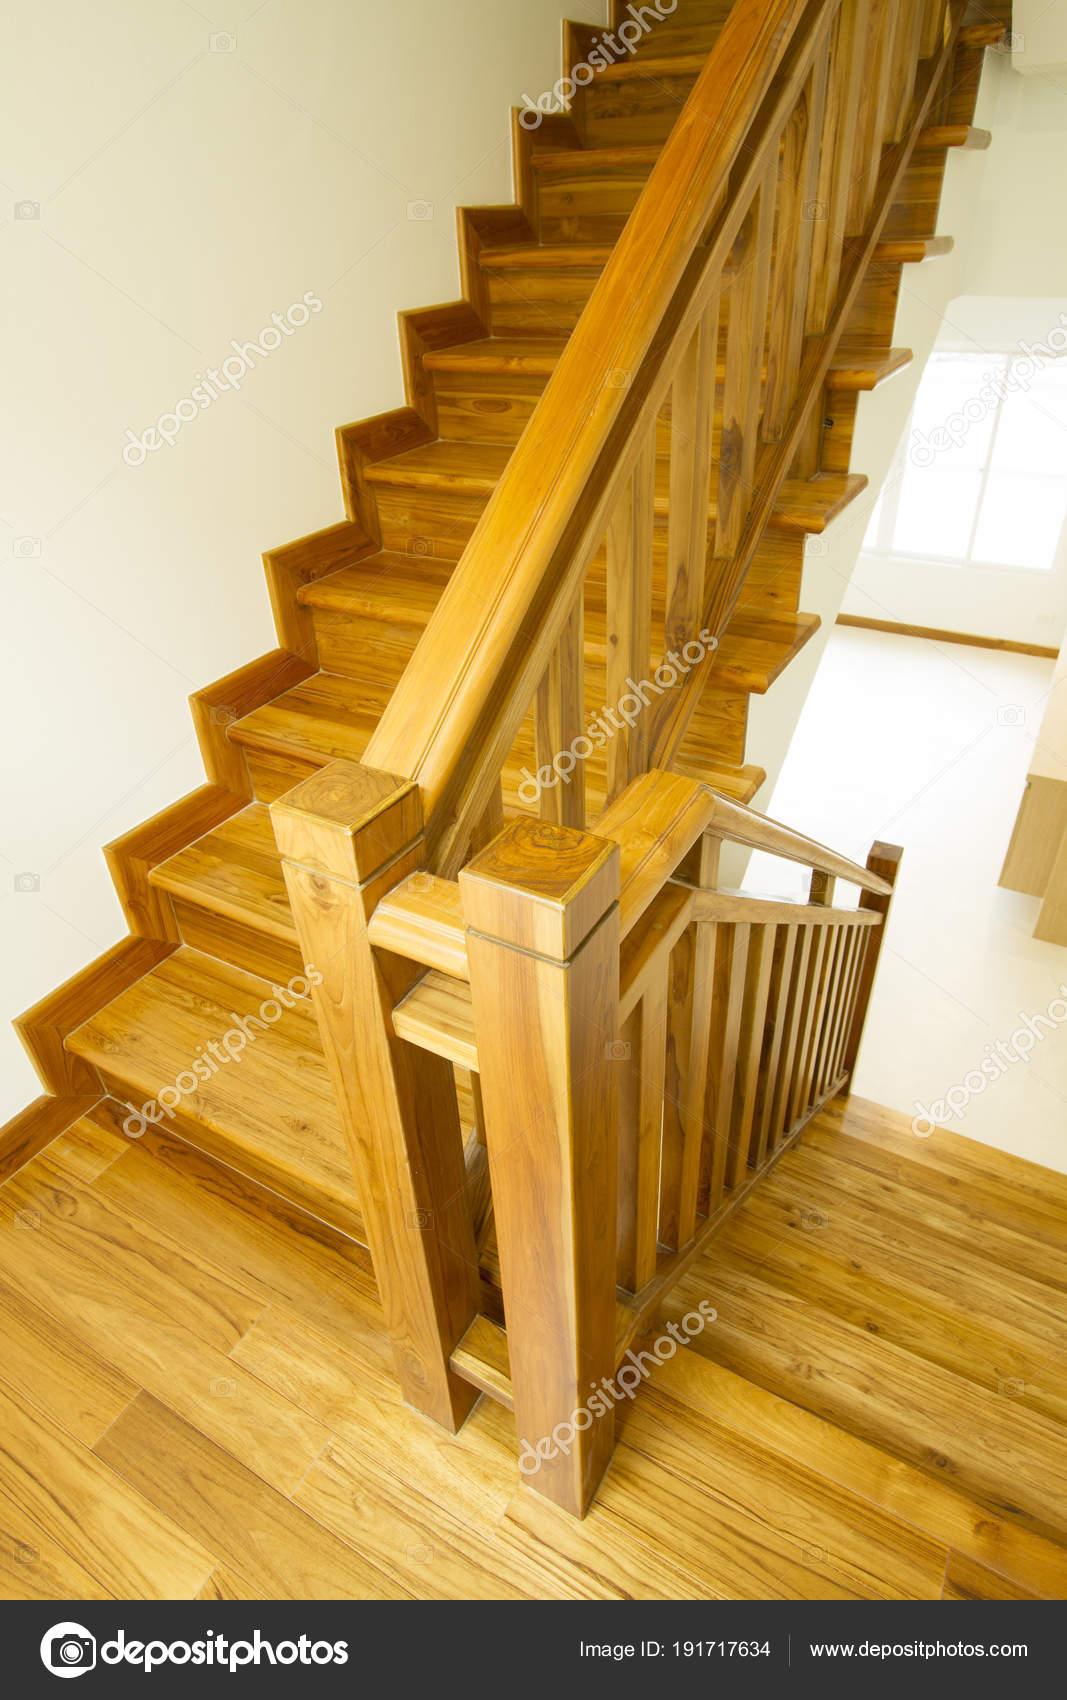 Interior casa con escalera madera moderna foto de stock drpnncpp 191717634 - Escaleras de madera modernas ...